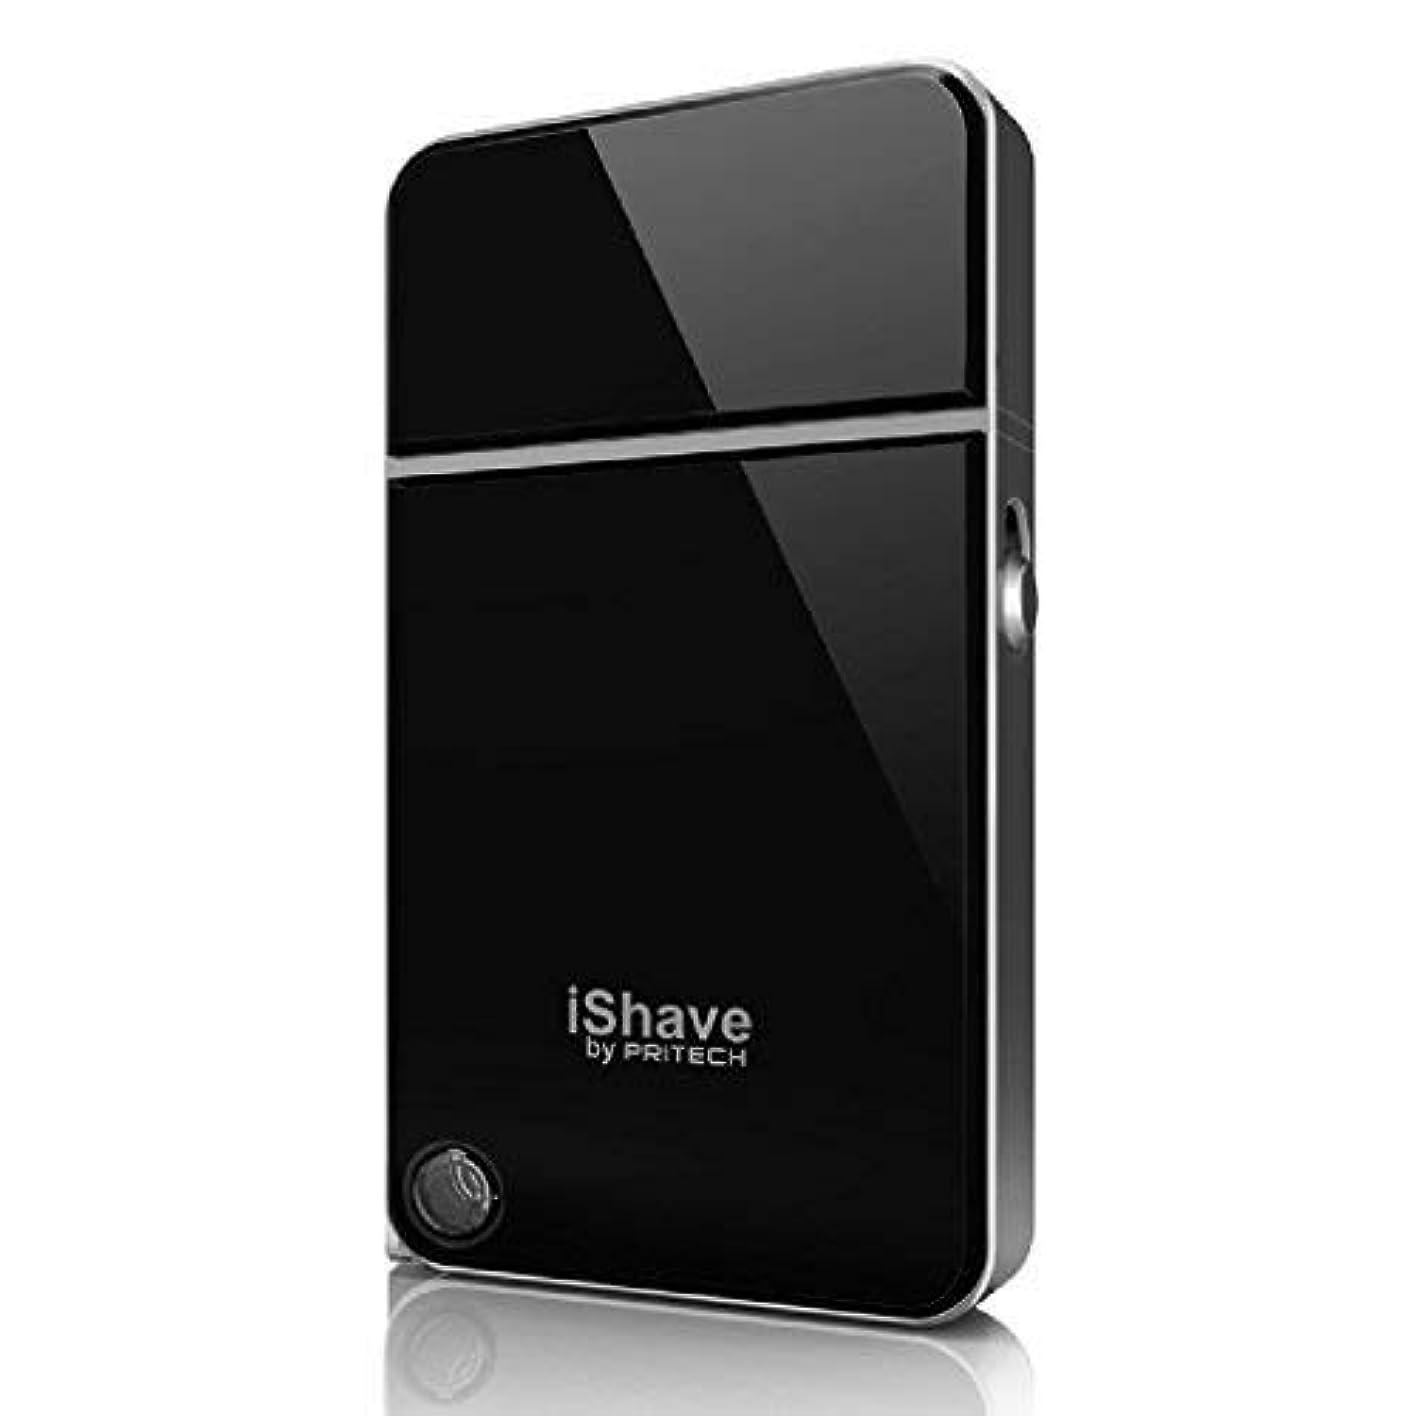 発見シリーズ差Pritech RSM-1880 ポータブル フォイル シェーバー メンズ用、USB充電 インターフェース ブラック